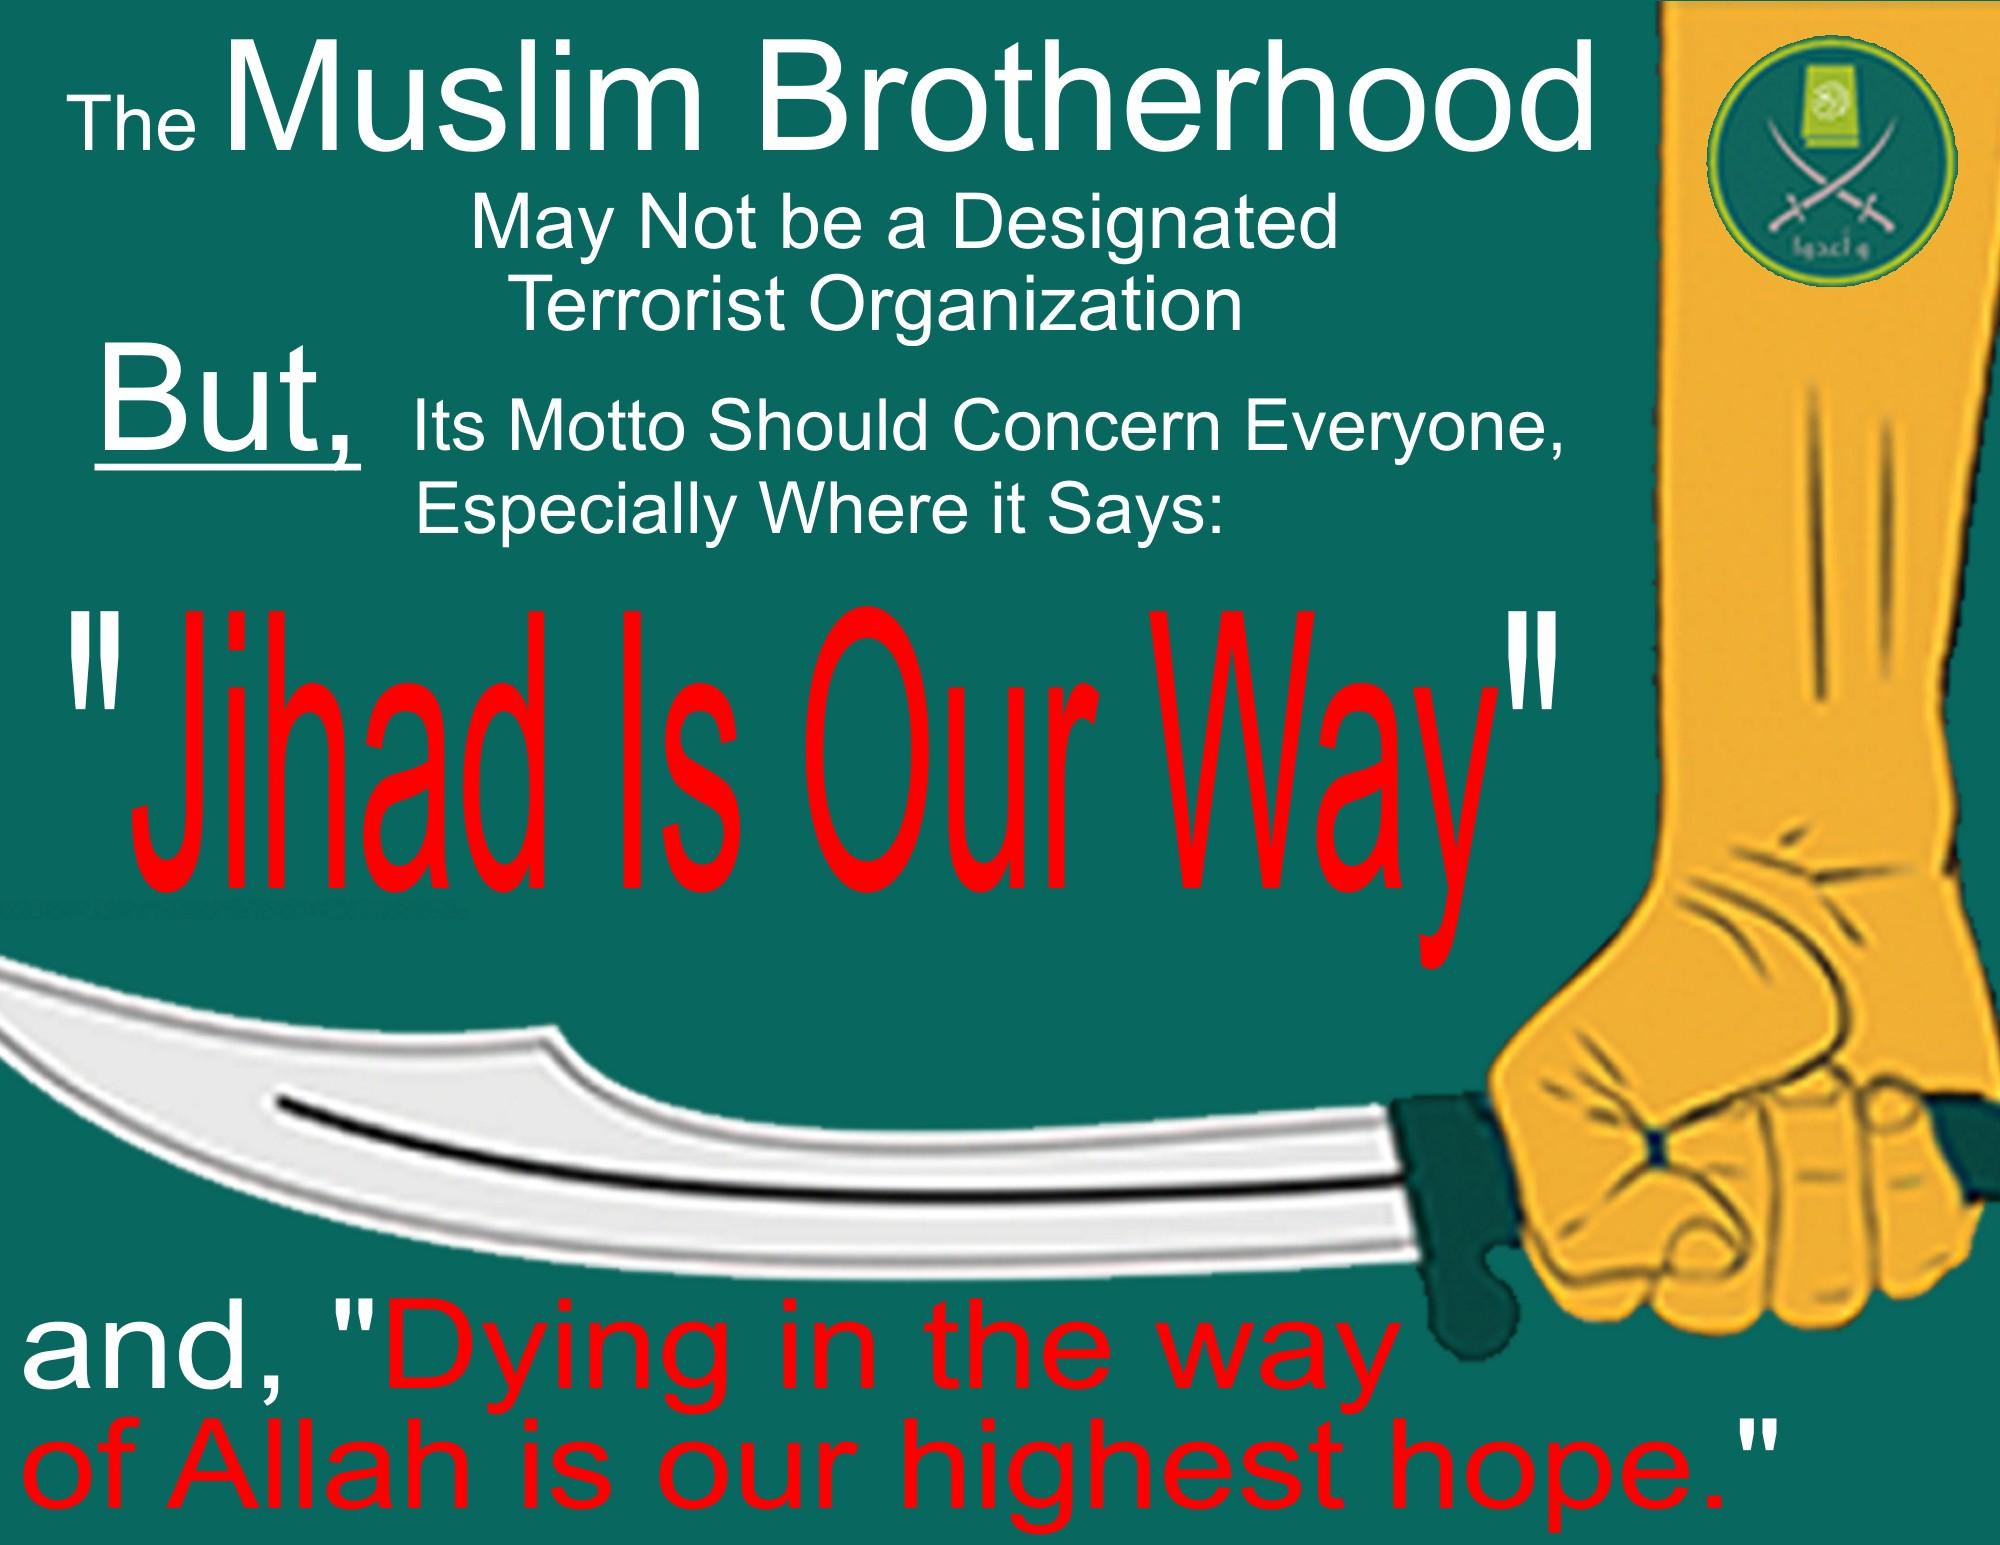 Muslim Brotherhood has a Threatening Motto